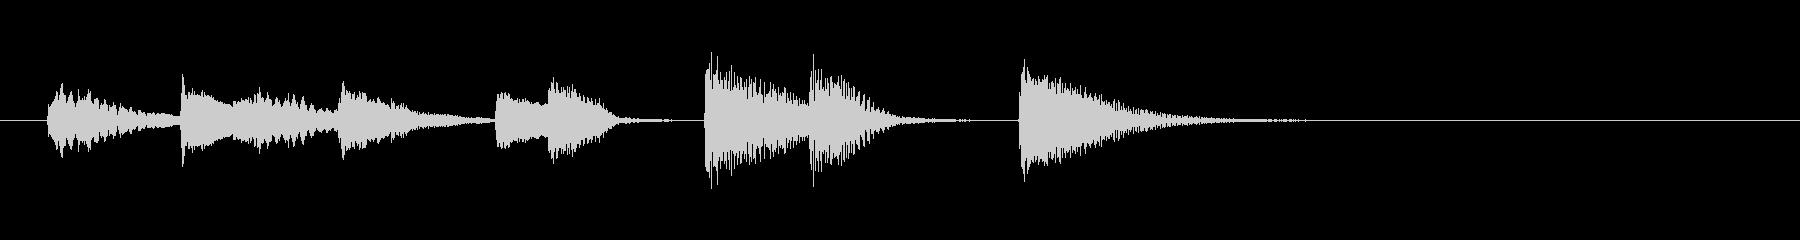 オチピアノ② ズッコケ 場面転換の未再生の波形